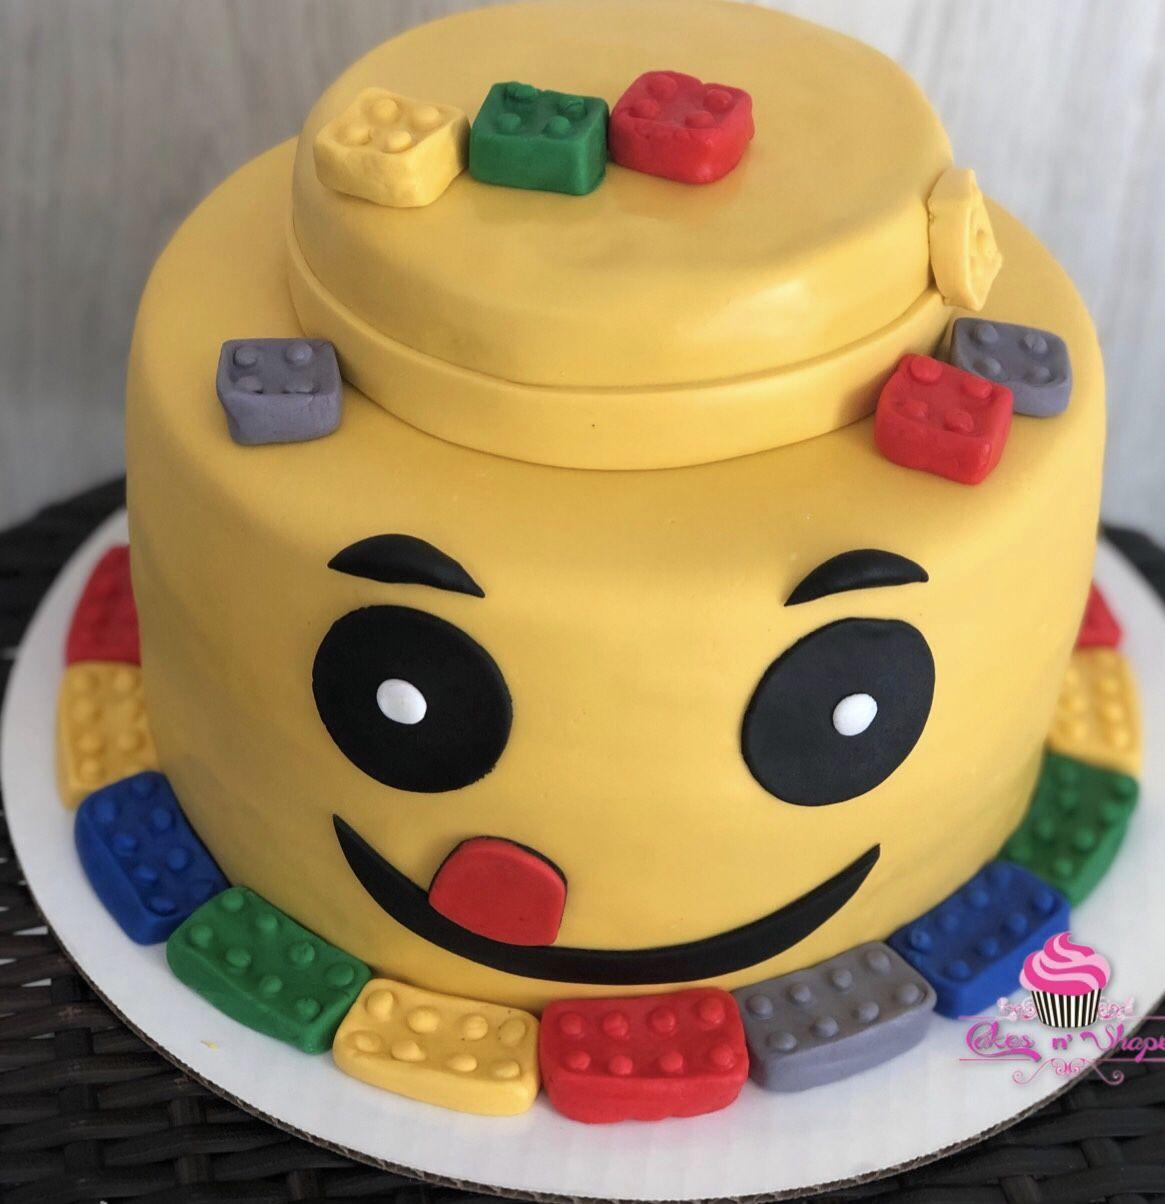 Lego Cake Cake, Fondant cakes, Lego cake